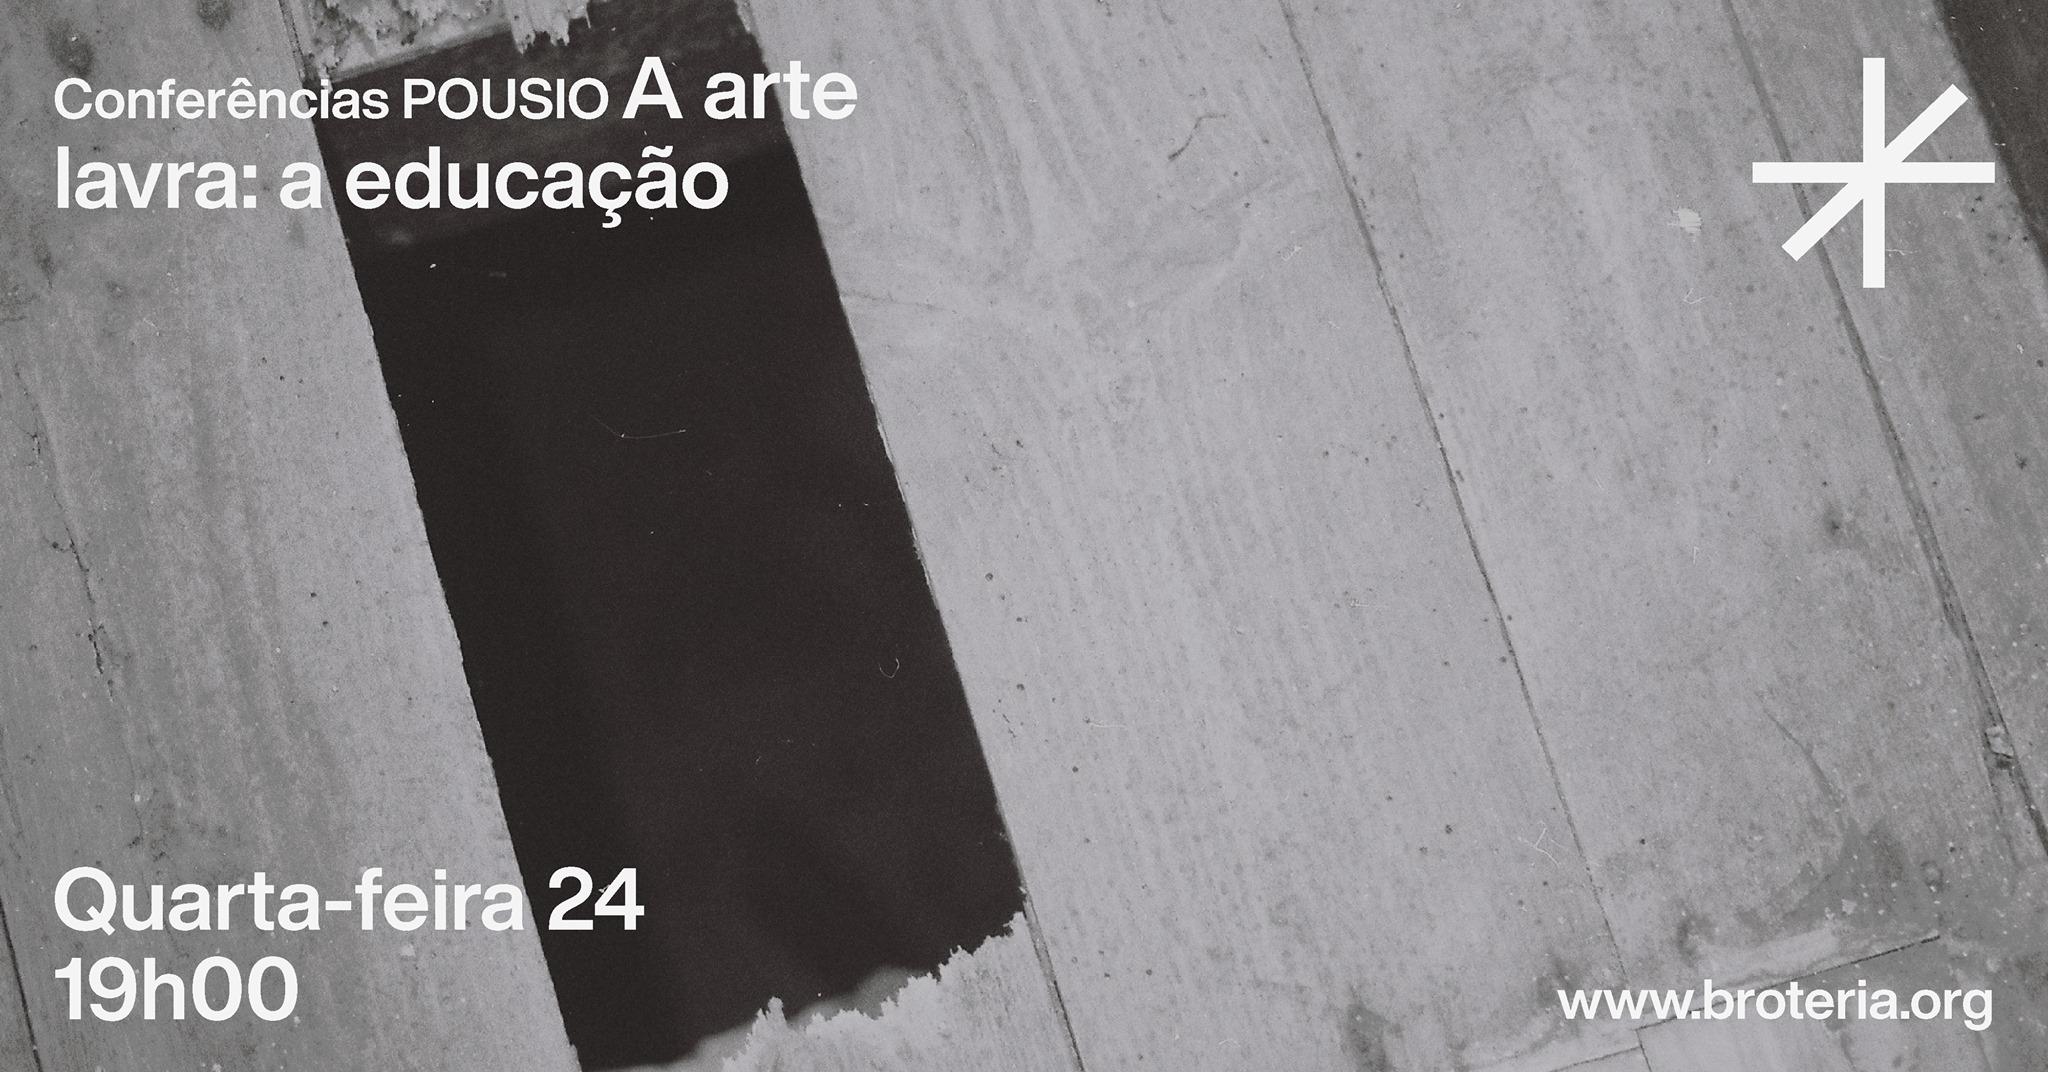 Conferências POUSIO | A arte lavra: a educação